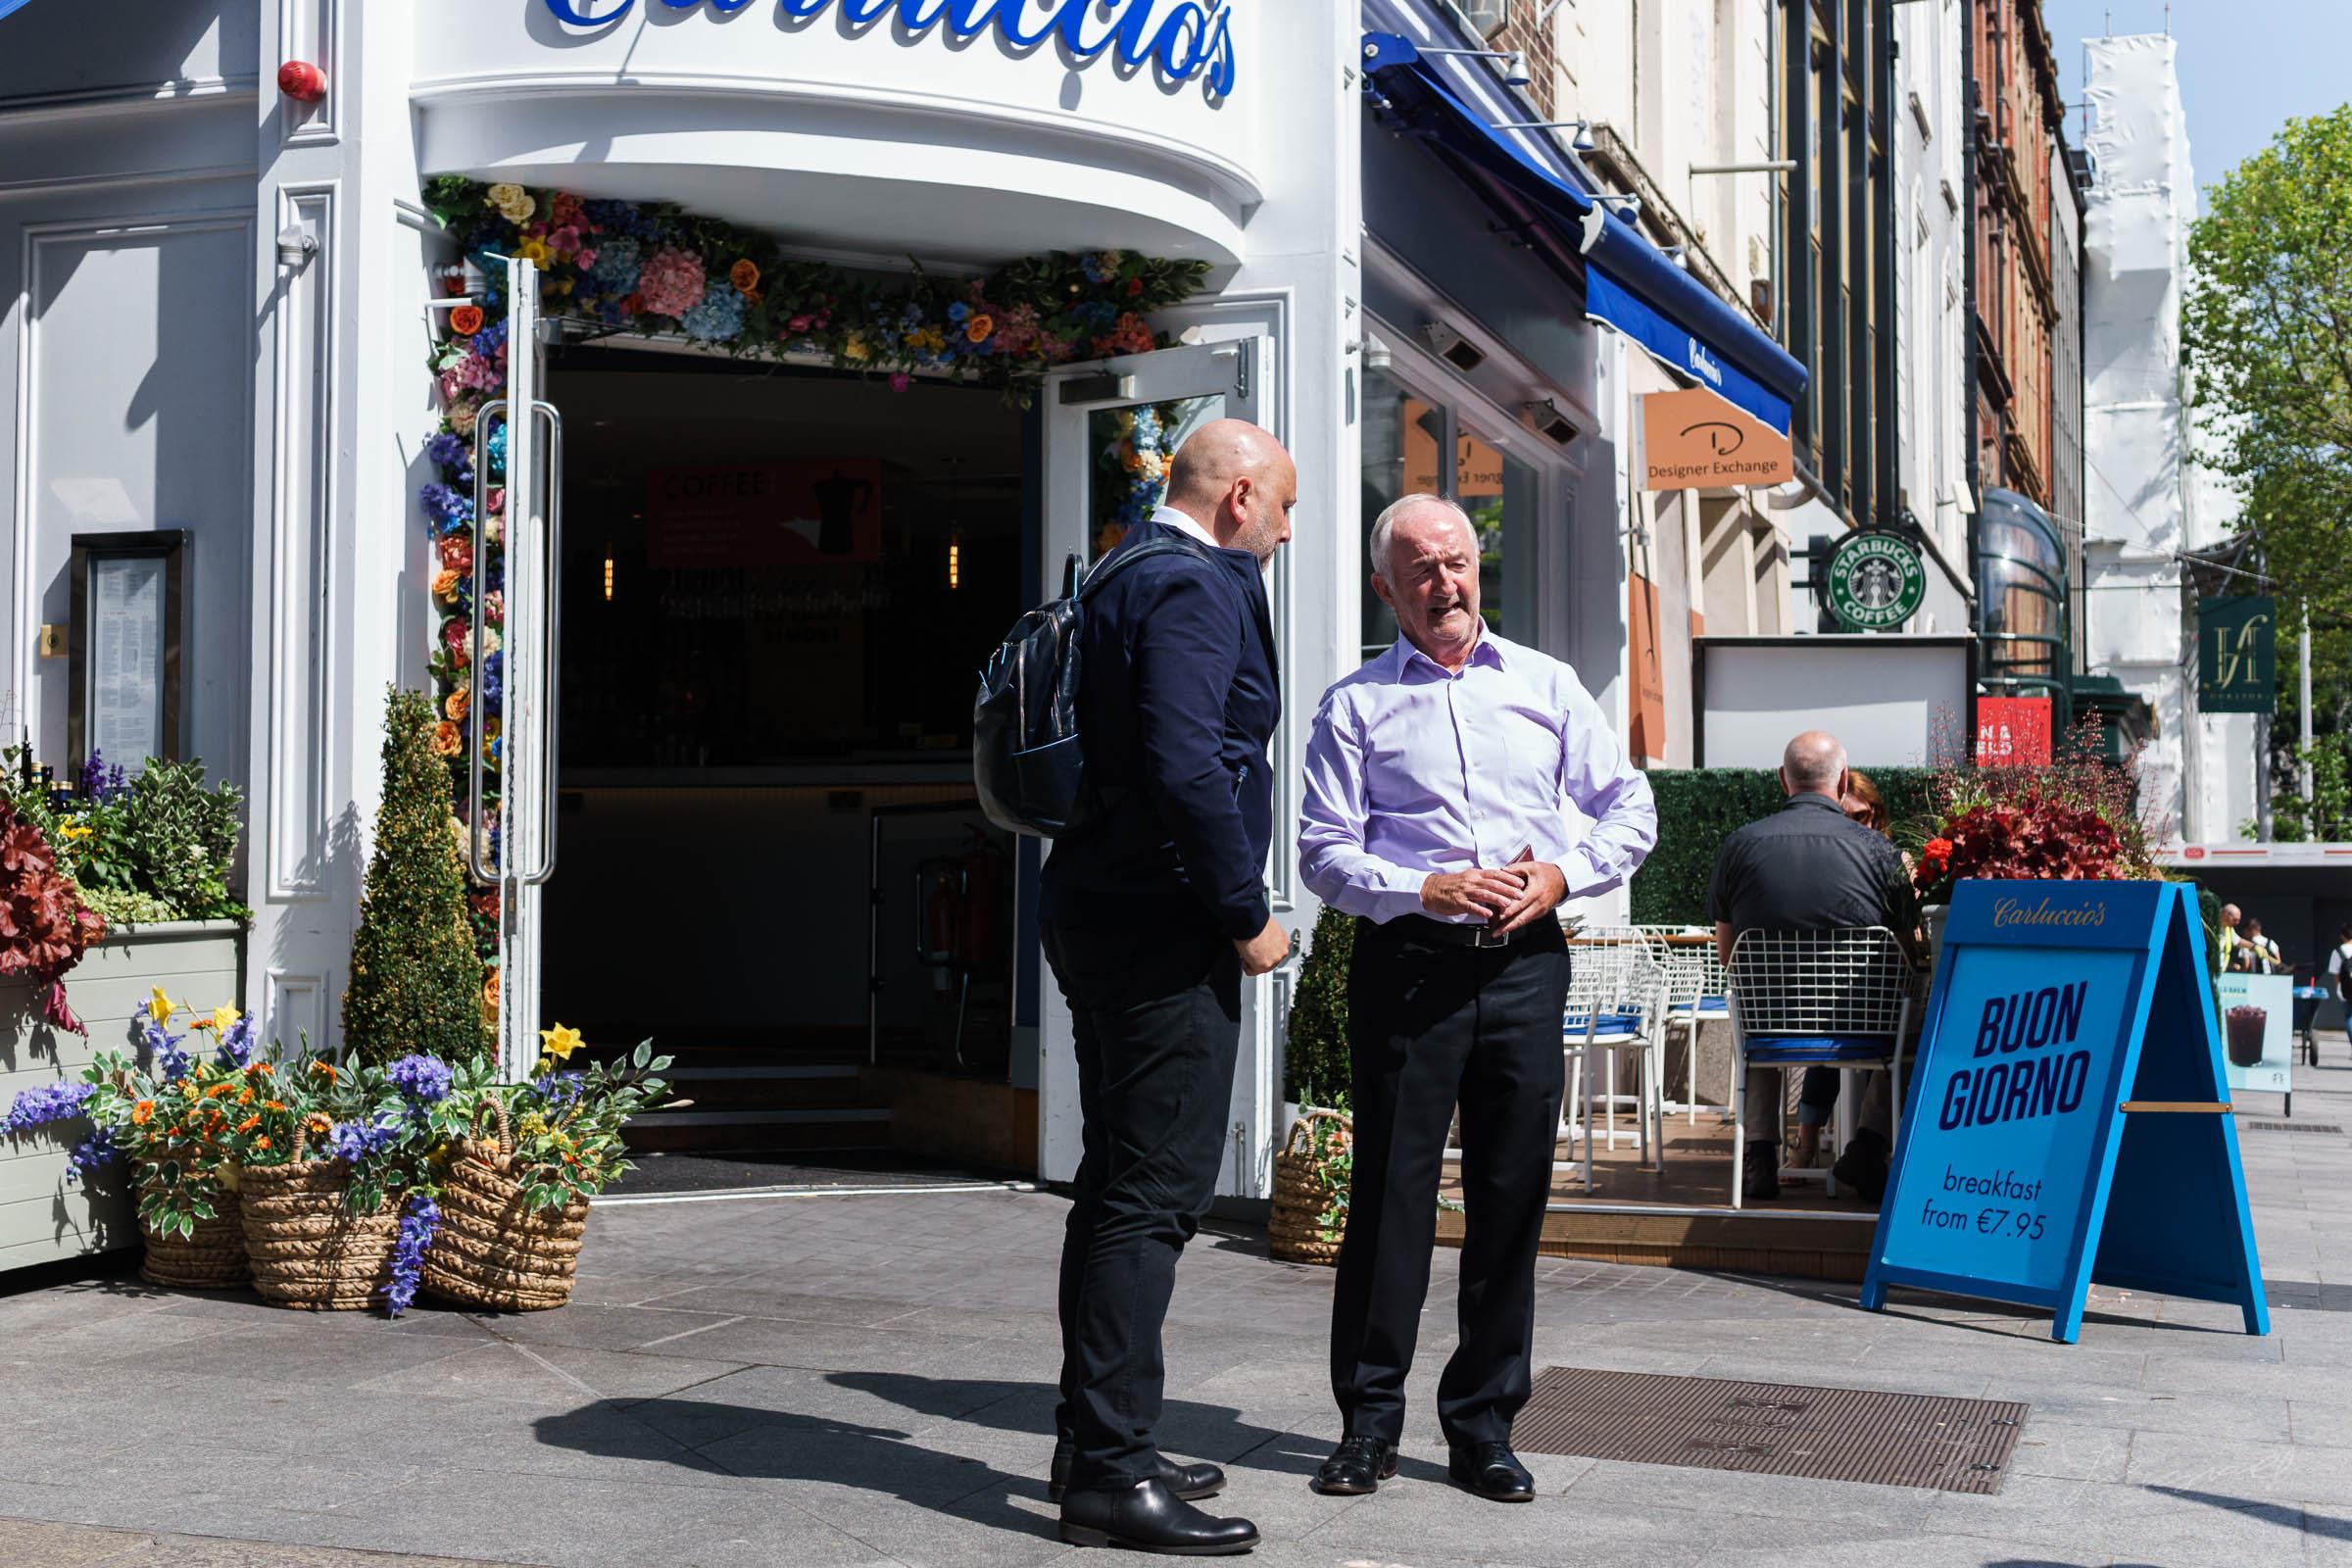 Two men talking outside Carluccios in Dublin